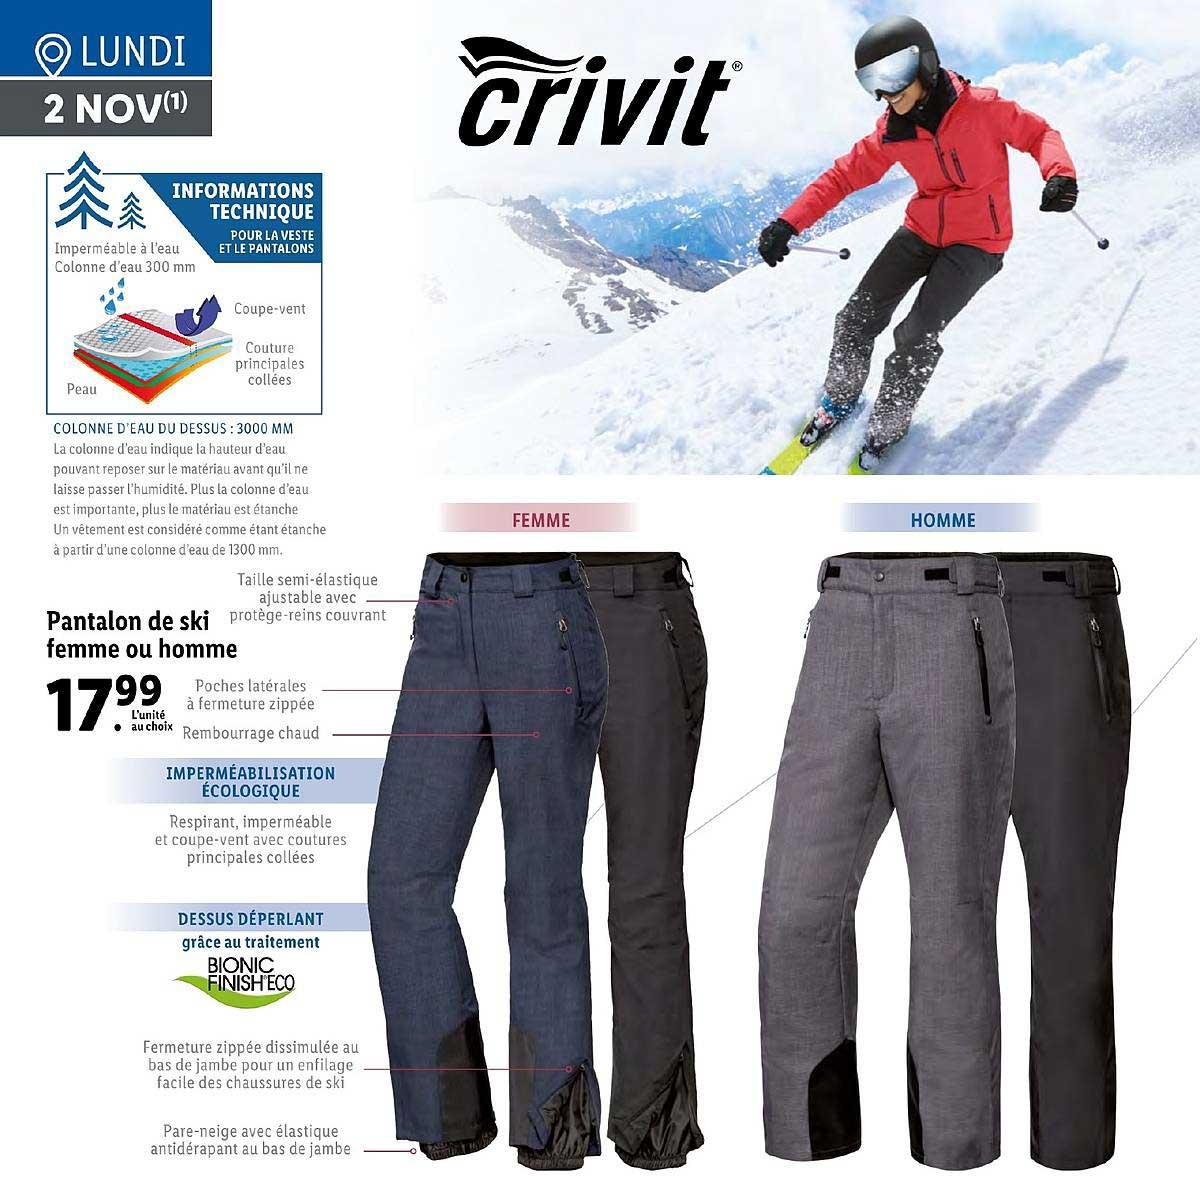 Lidl Pantalon De Ski Femme Ou Homme